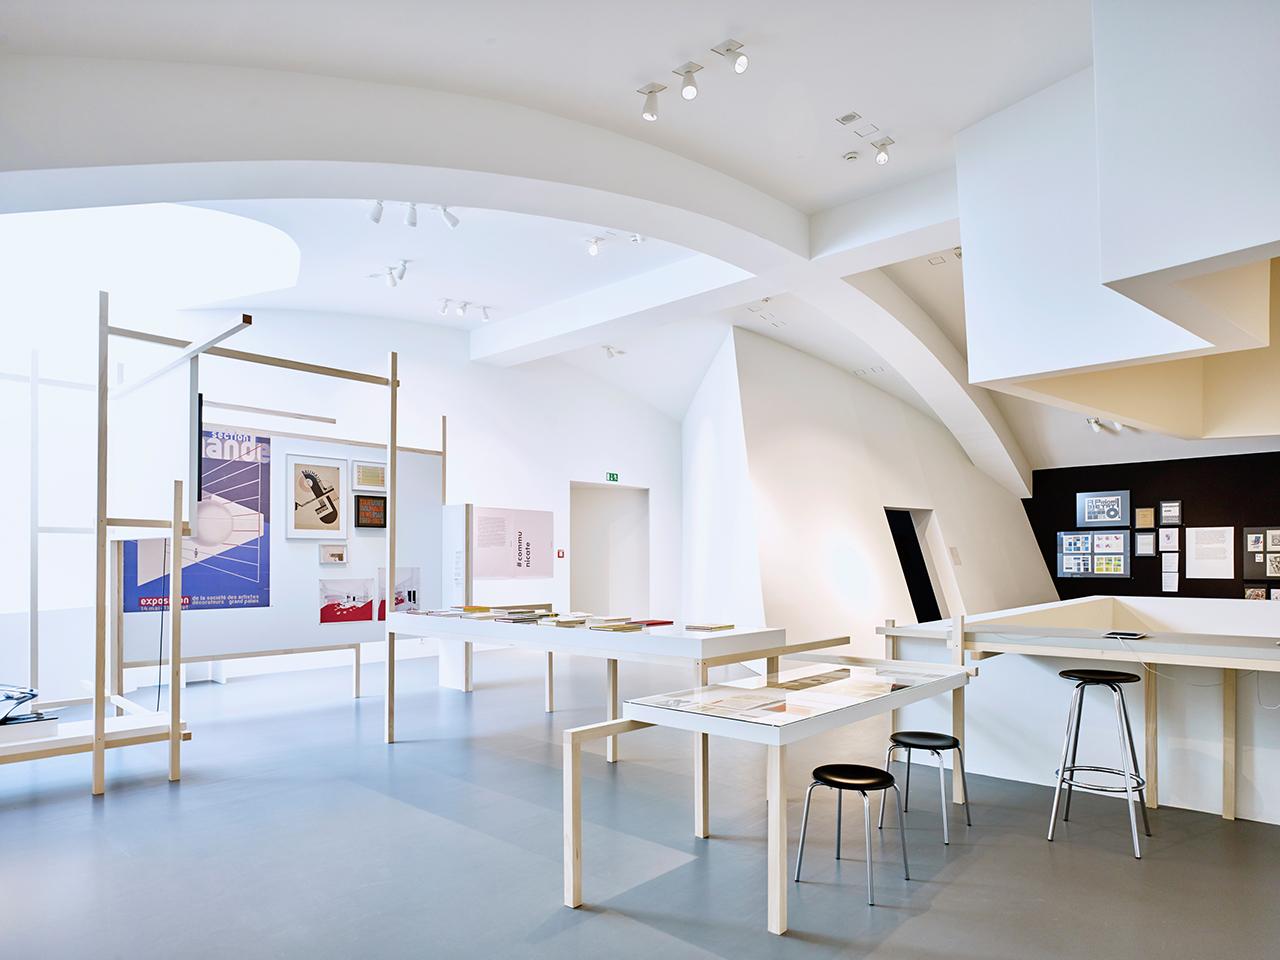 Bauhaus_allesistdesign_Installation_klein